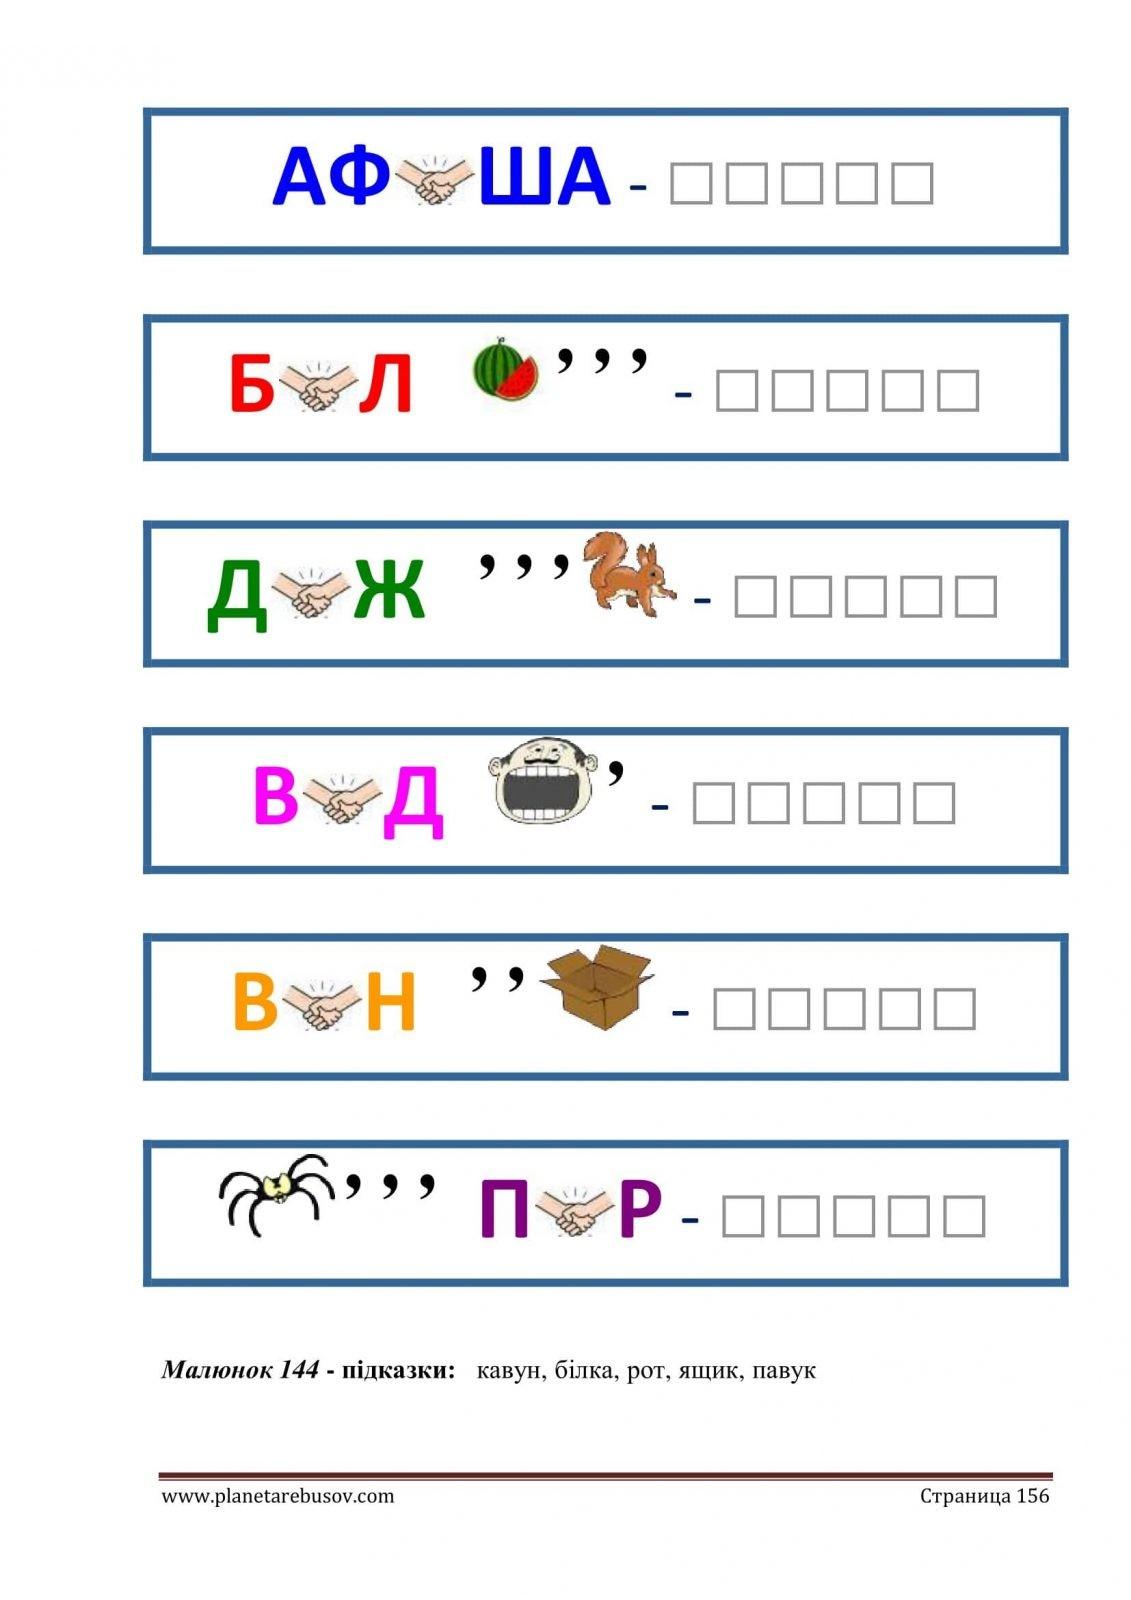 Ребусы на украинском. Уровень 3 — стр 156